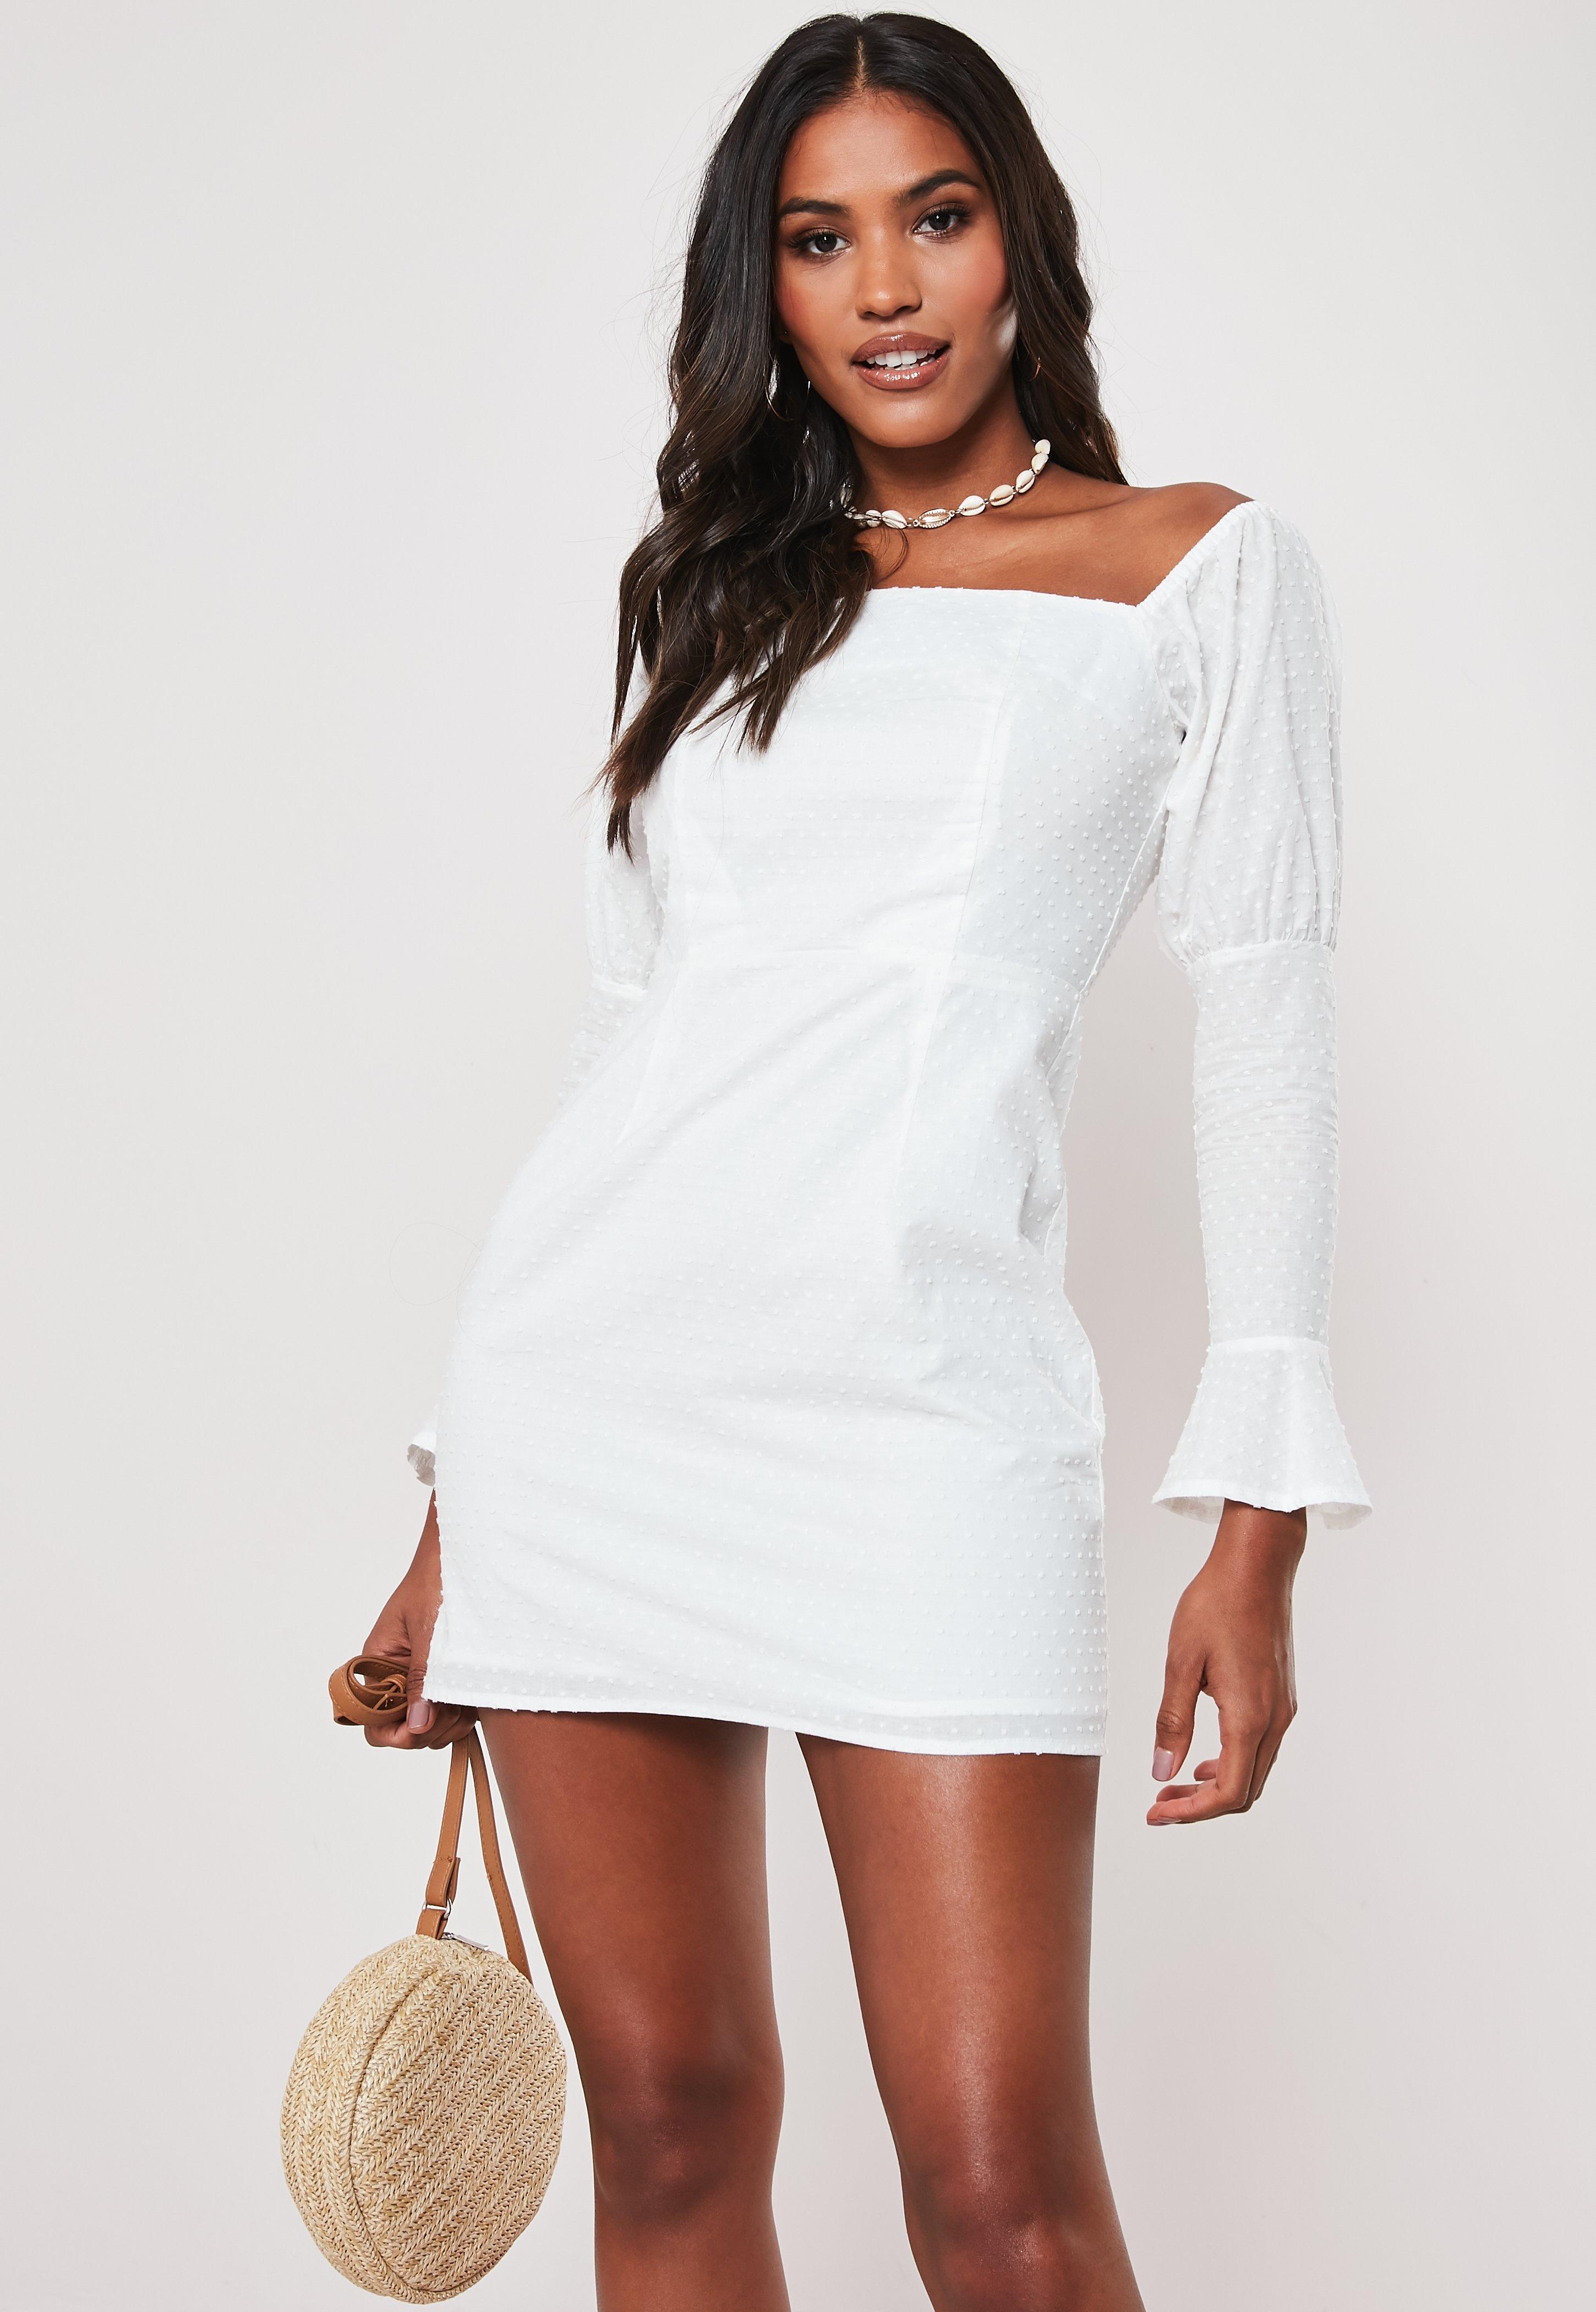 831805b3edda Off the Shoulder Dresses - Bardot Dresses Online | Missguided